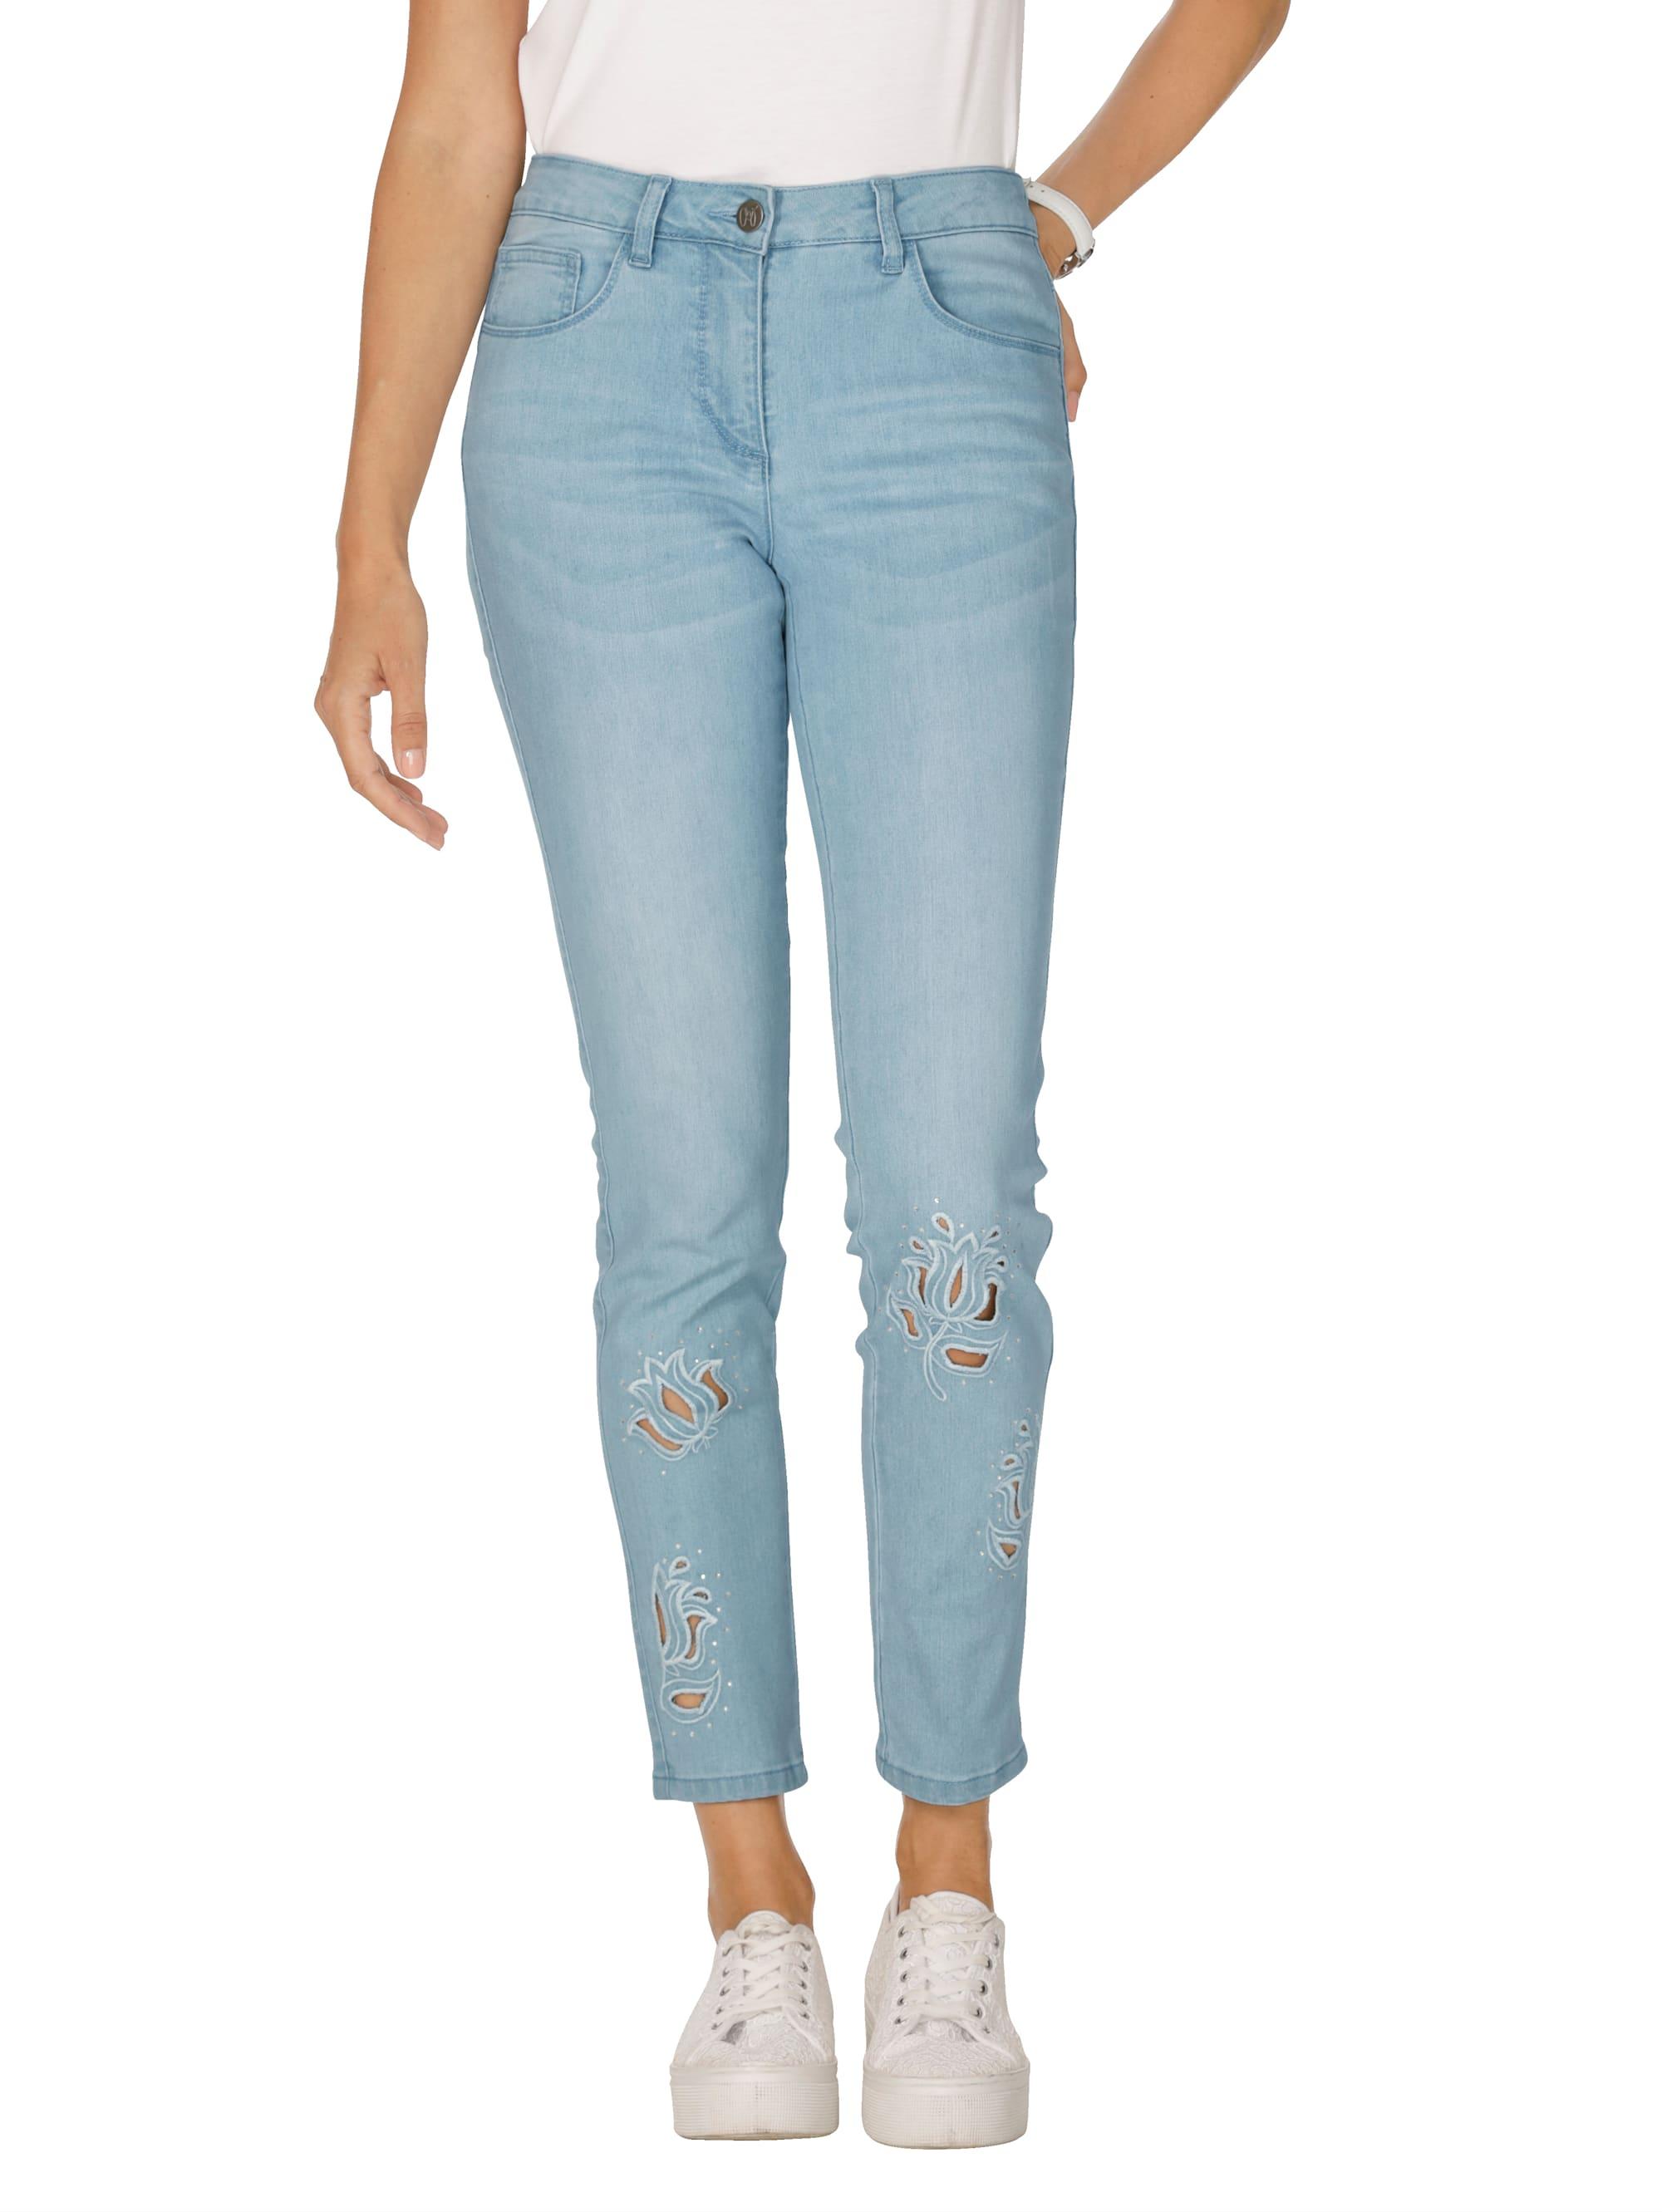 AMY VERMONT Jeans mit Stickerei und Strasssteindekoration im Vorderteil RxCXR MeEGJ